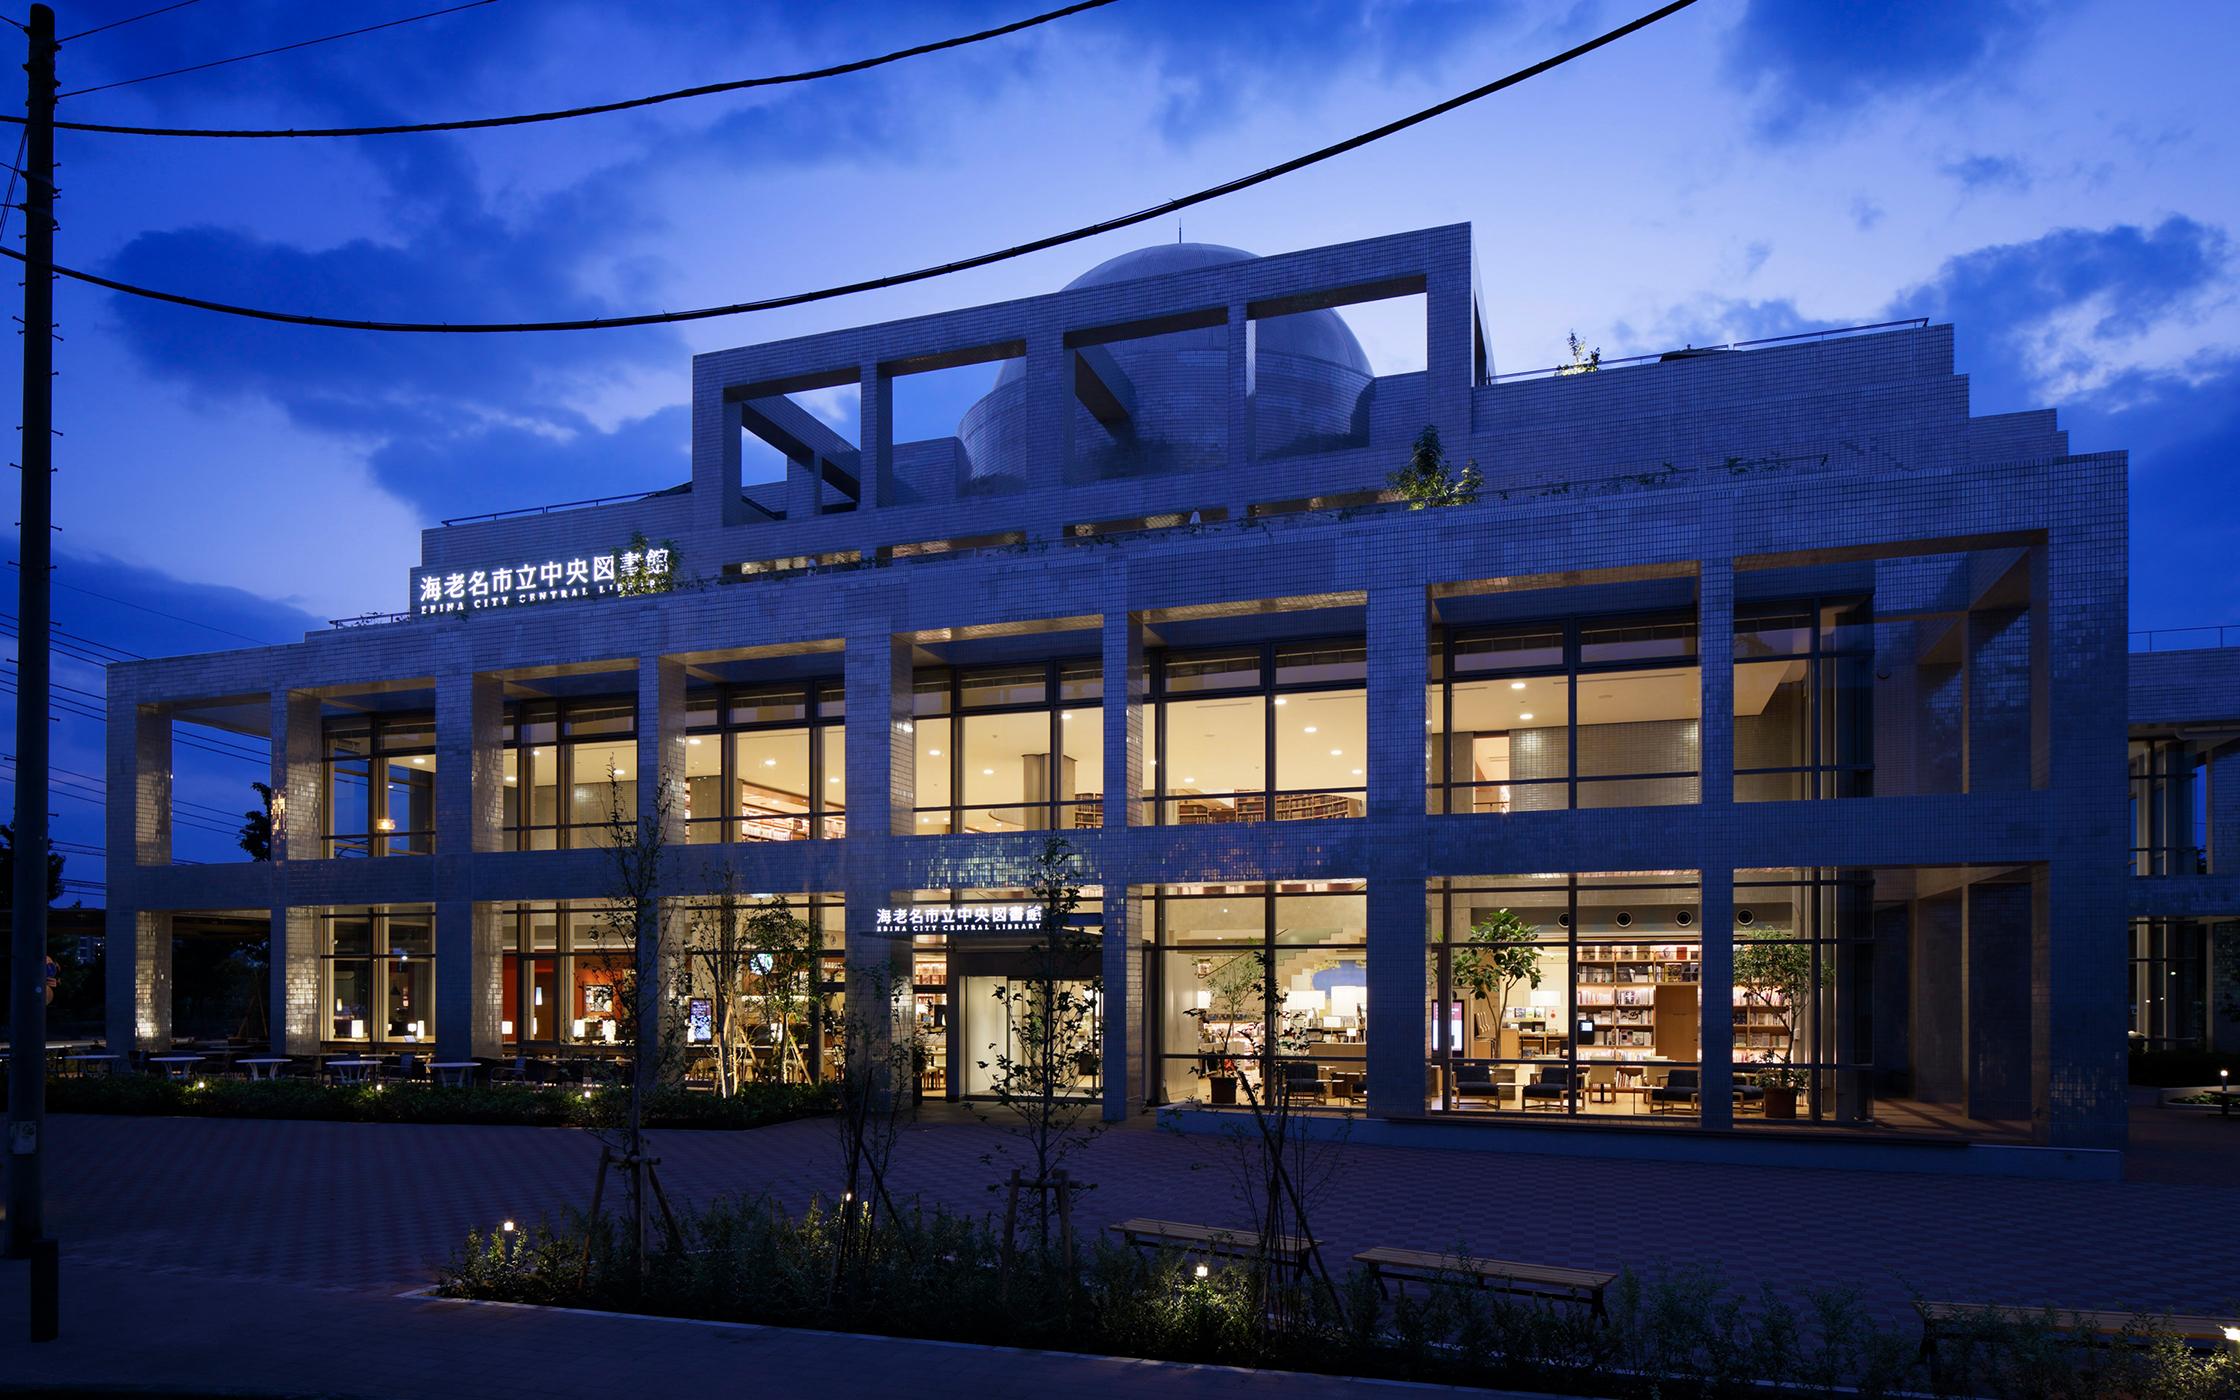 海老名市立中央图书馆